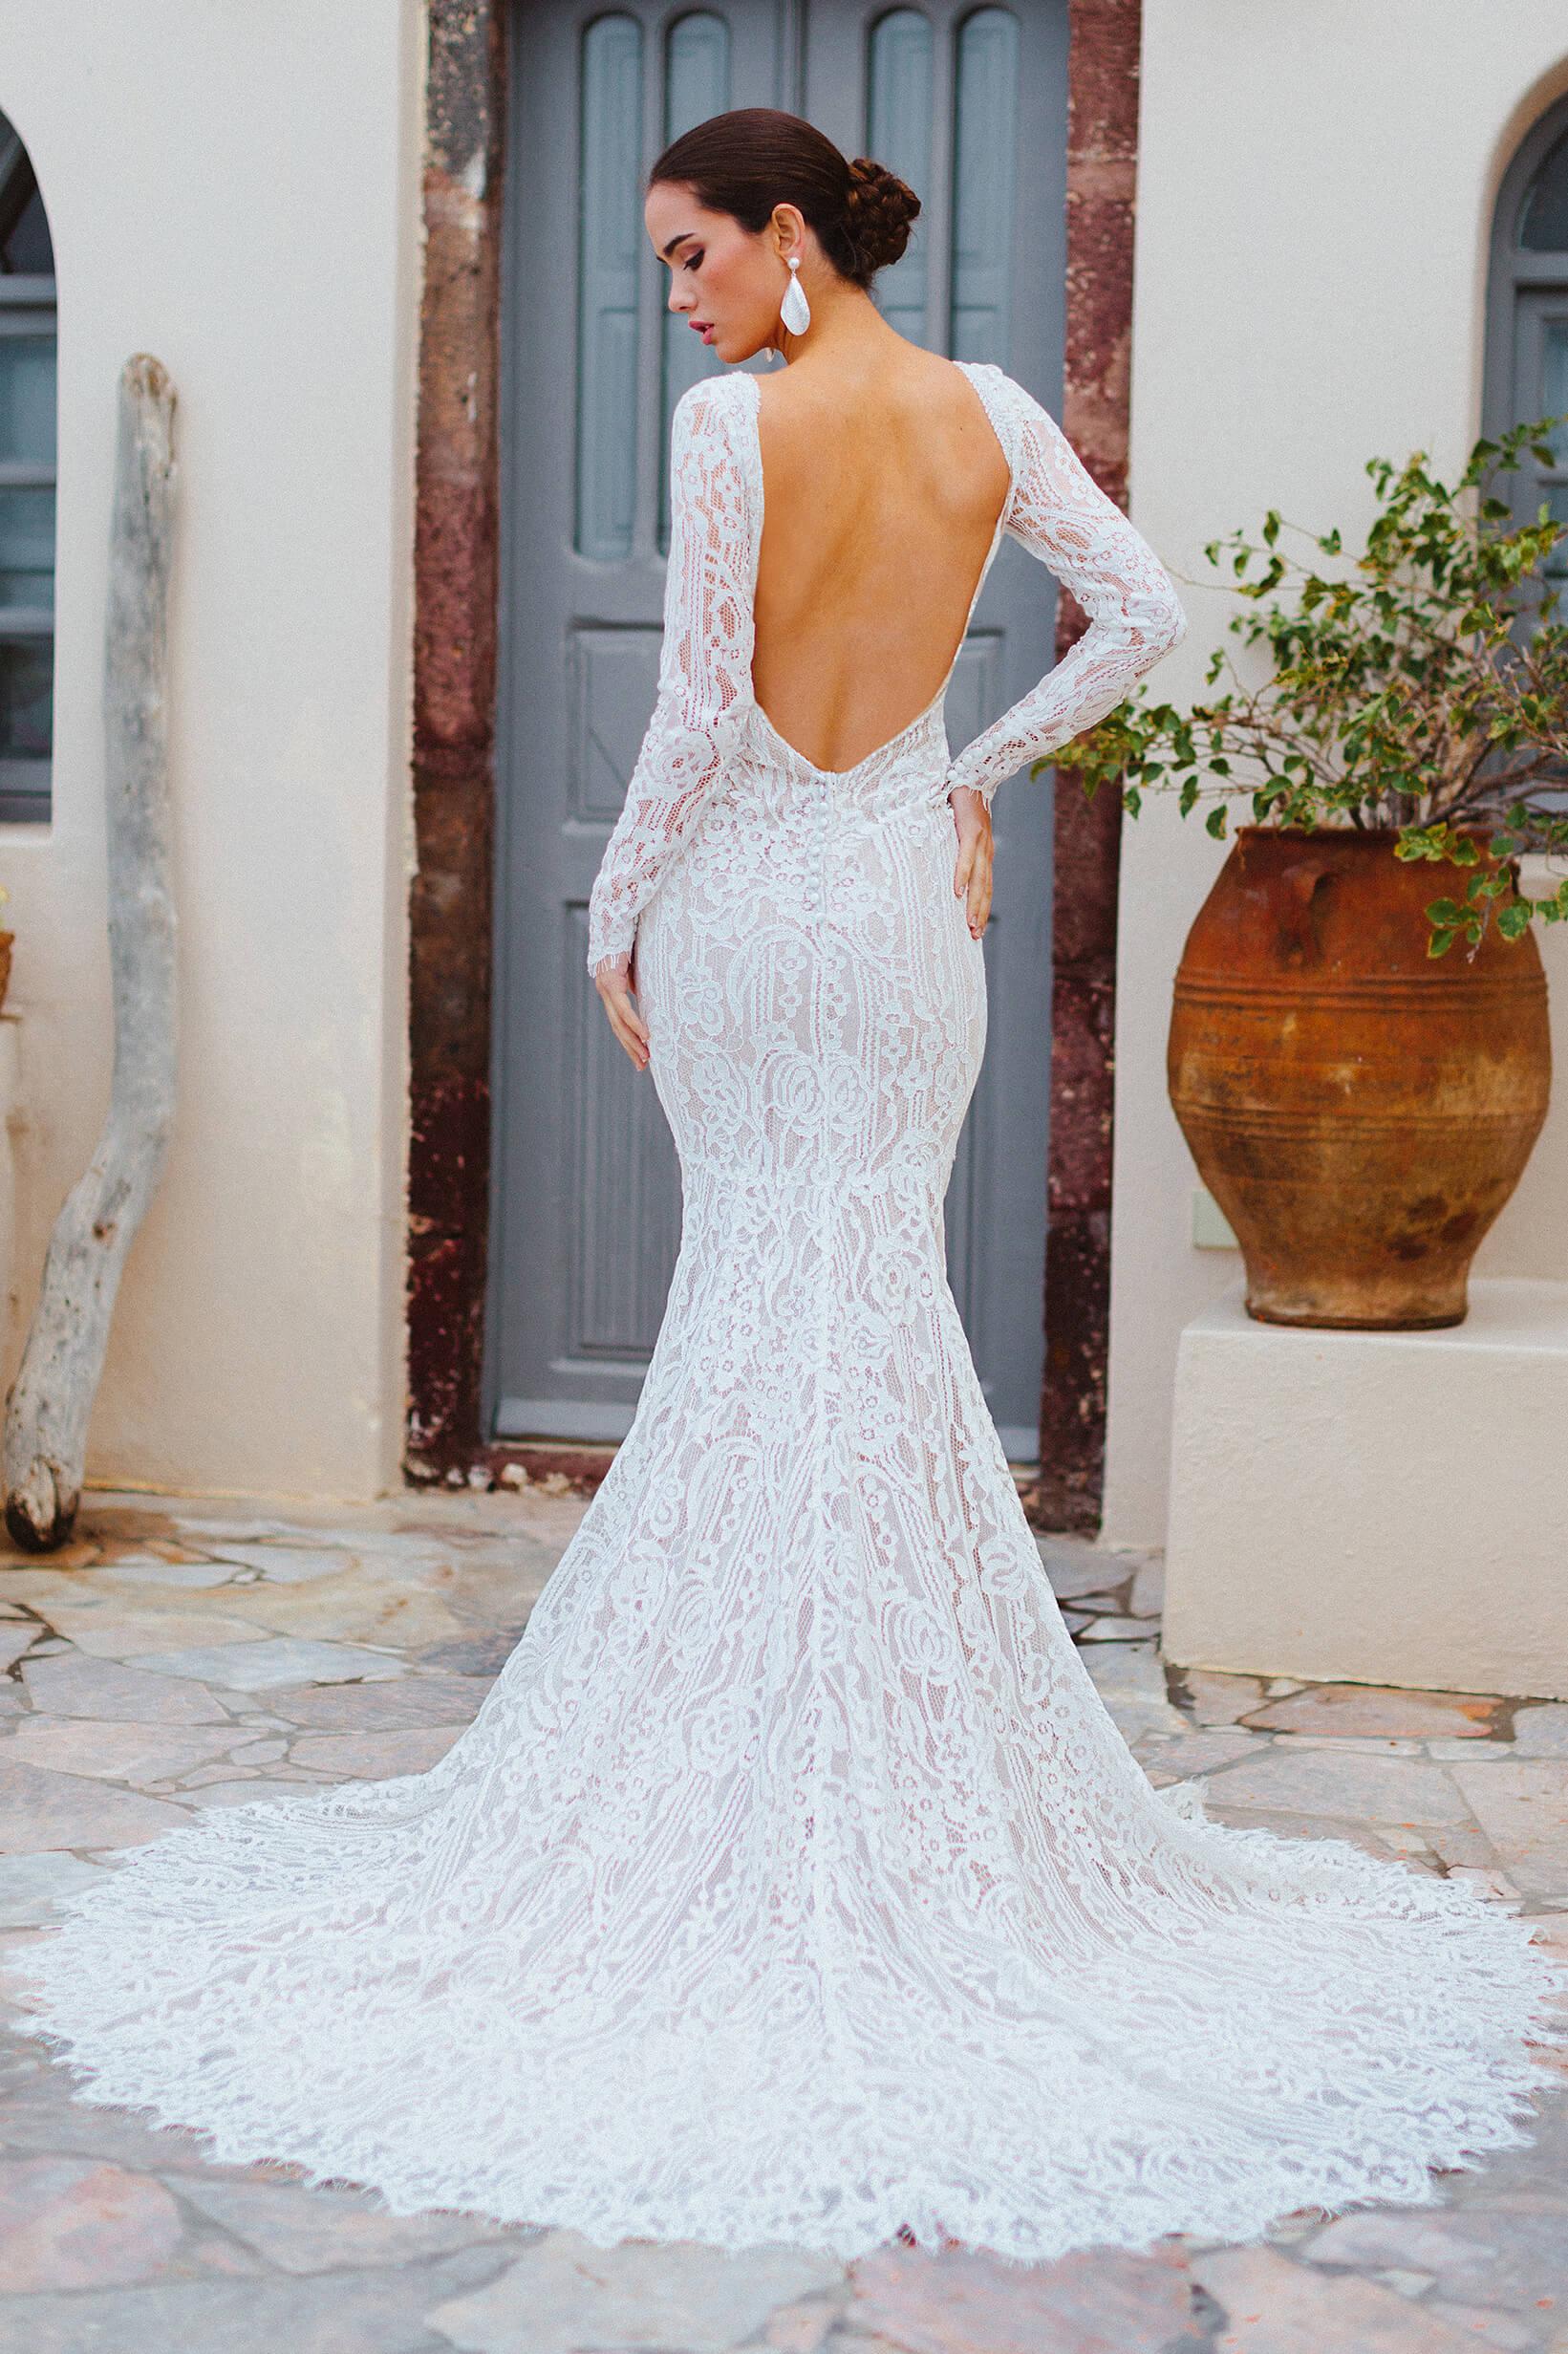 F166 Valentina - A Brides of sydney